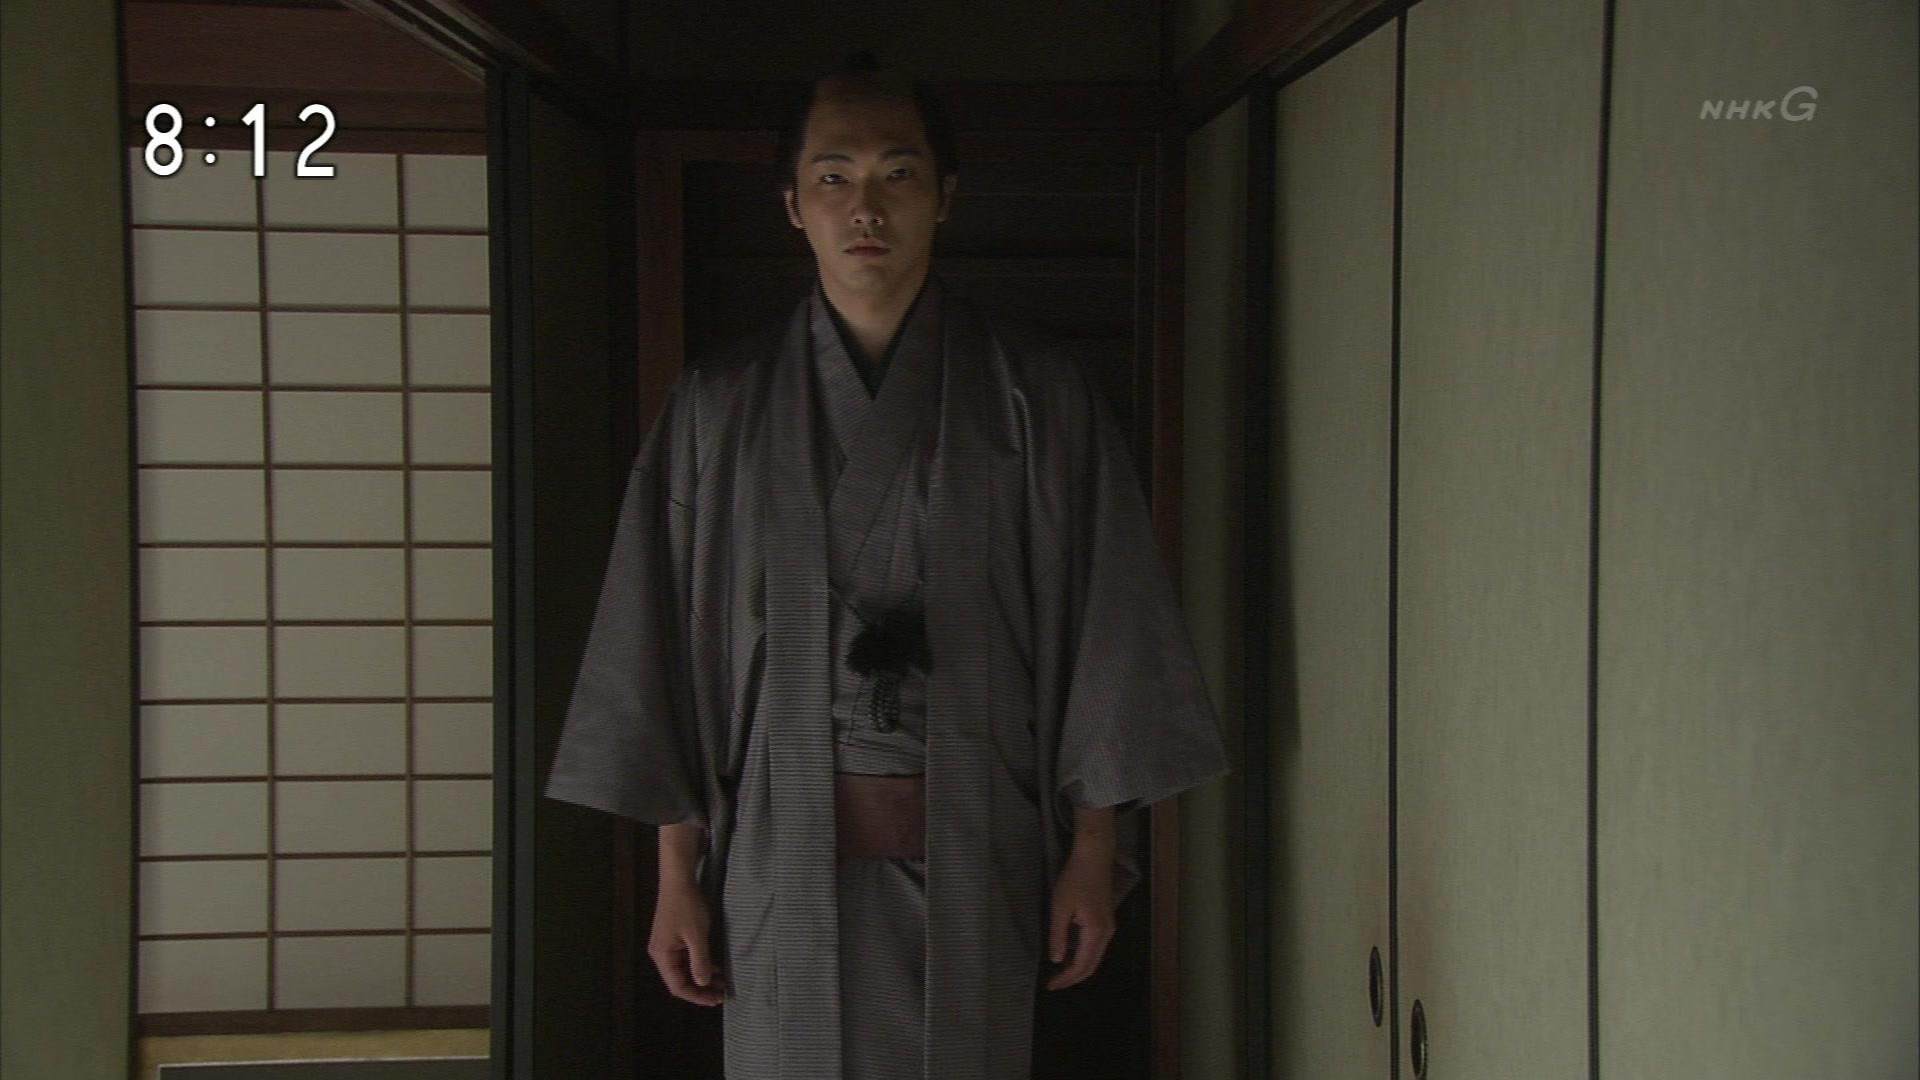 2015-10-05 08:00 連続テレビ小説 あさが来た(7)「ふたつの花びら」 2263